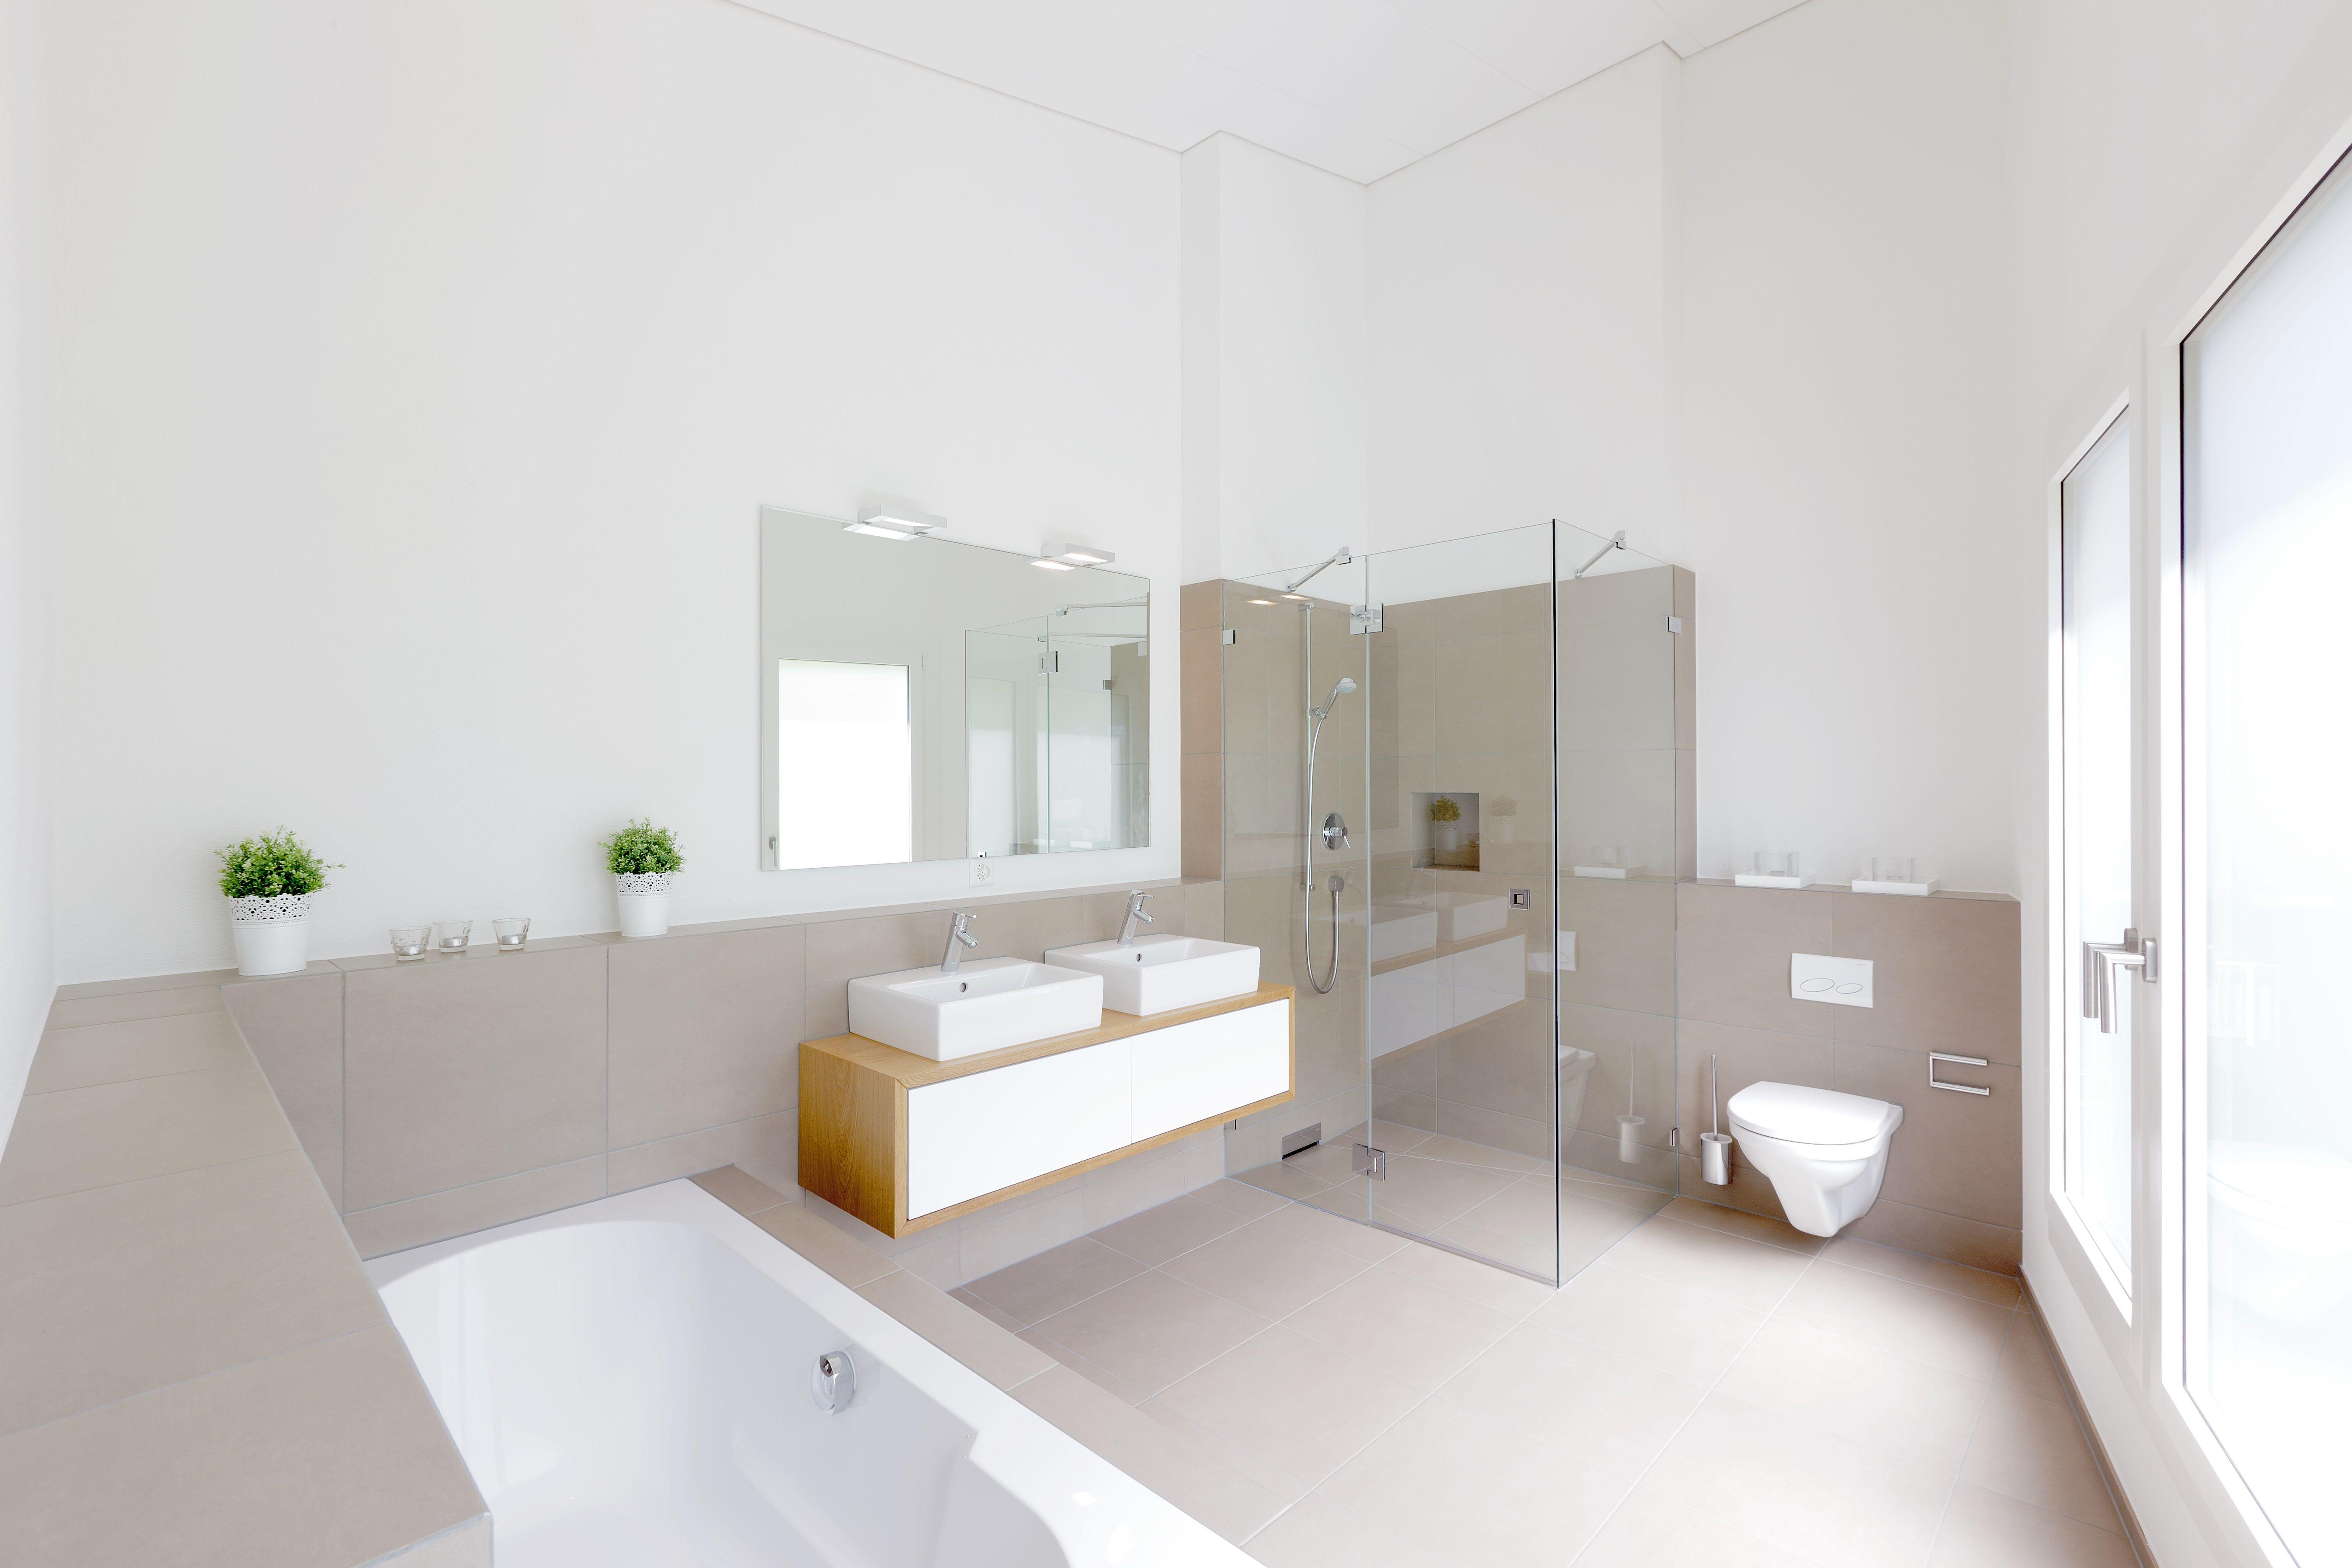 Badezimmer Platten Bilder Living Room Carpet Bathtub Bathroom